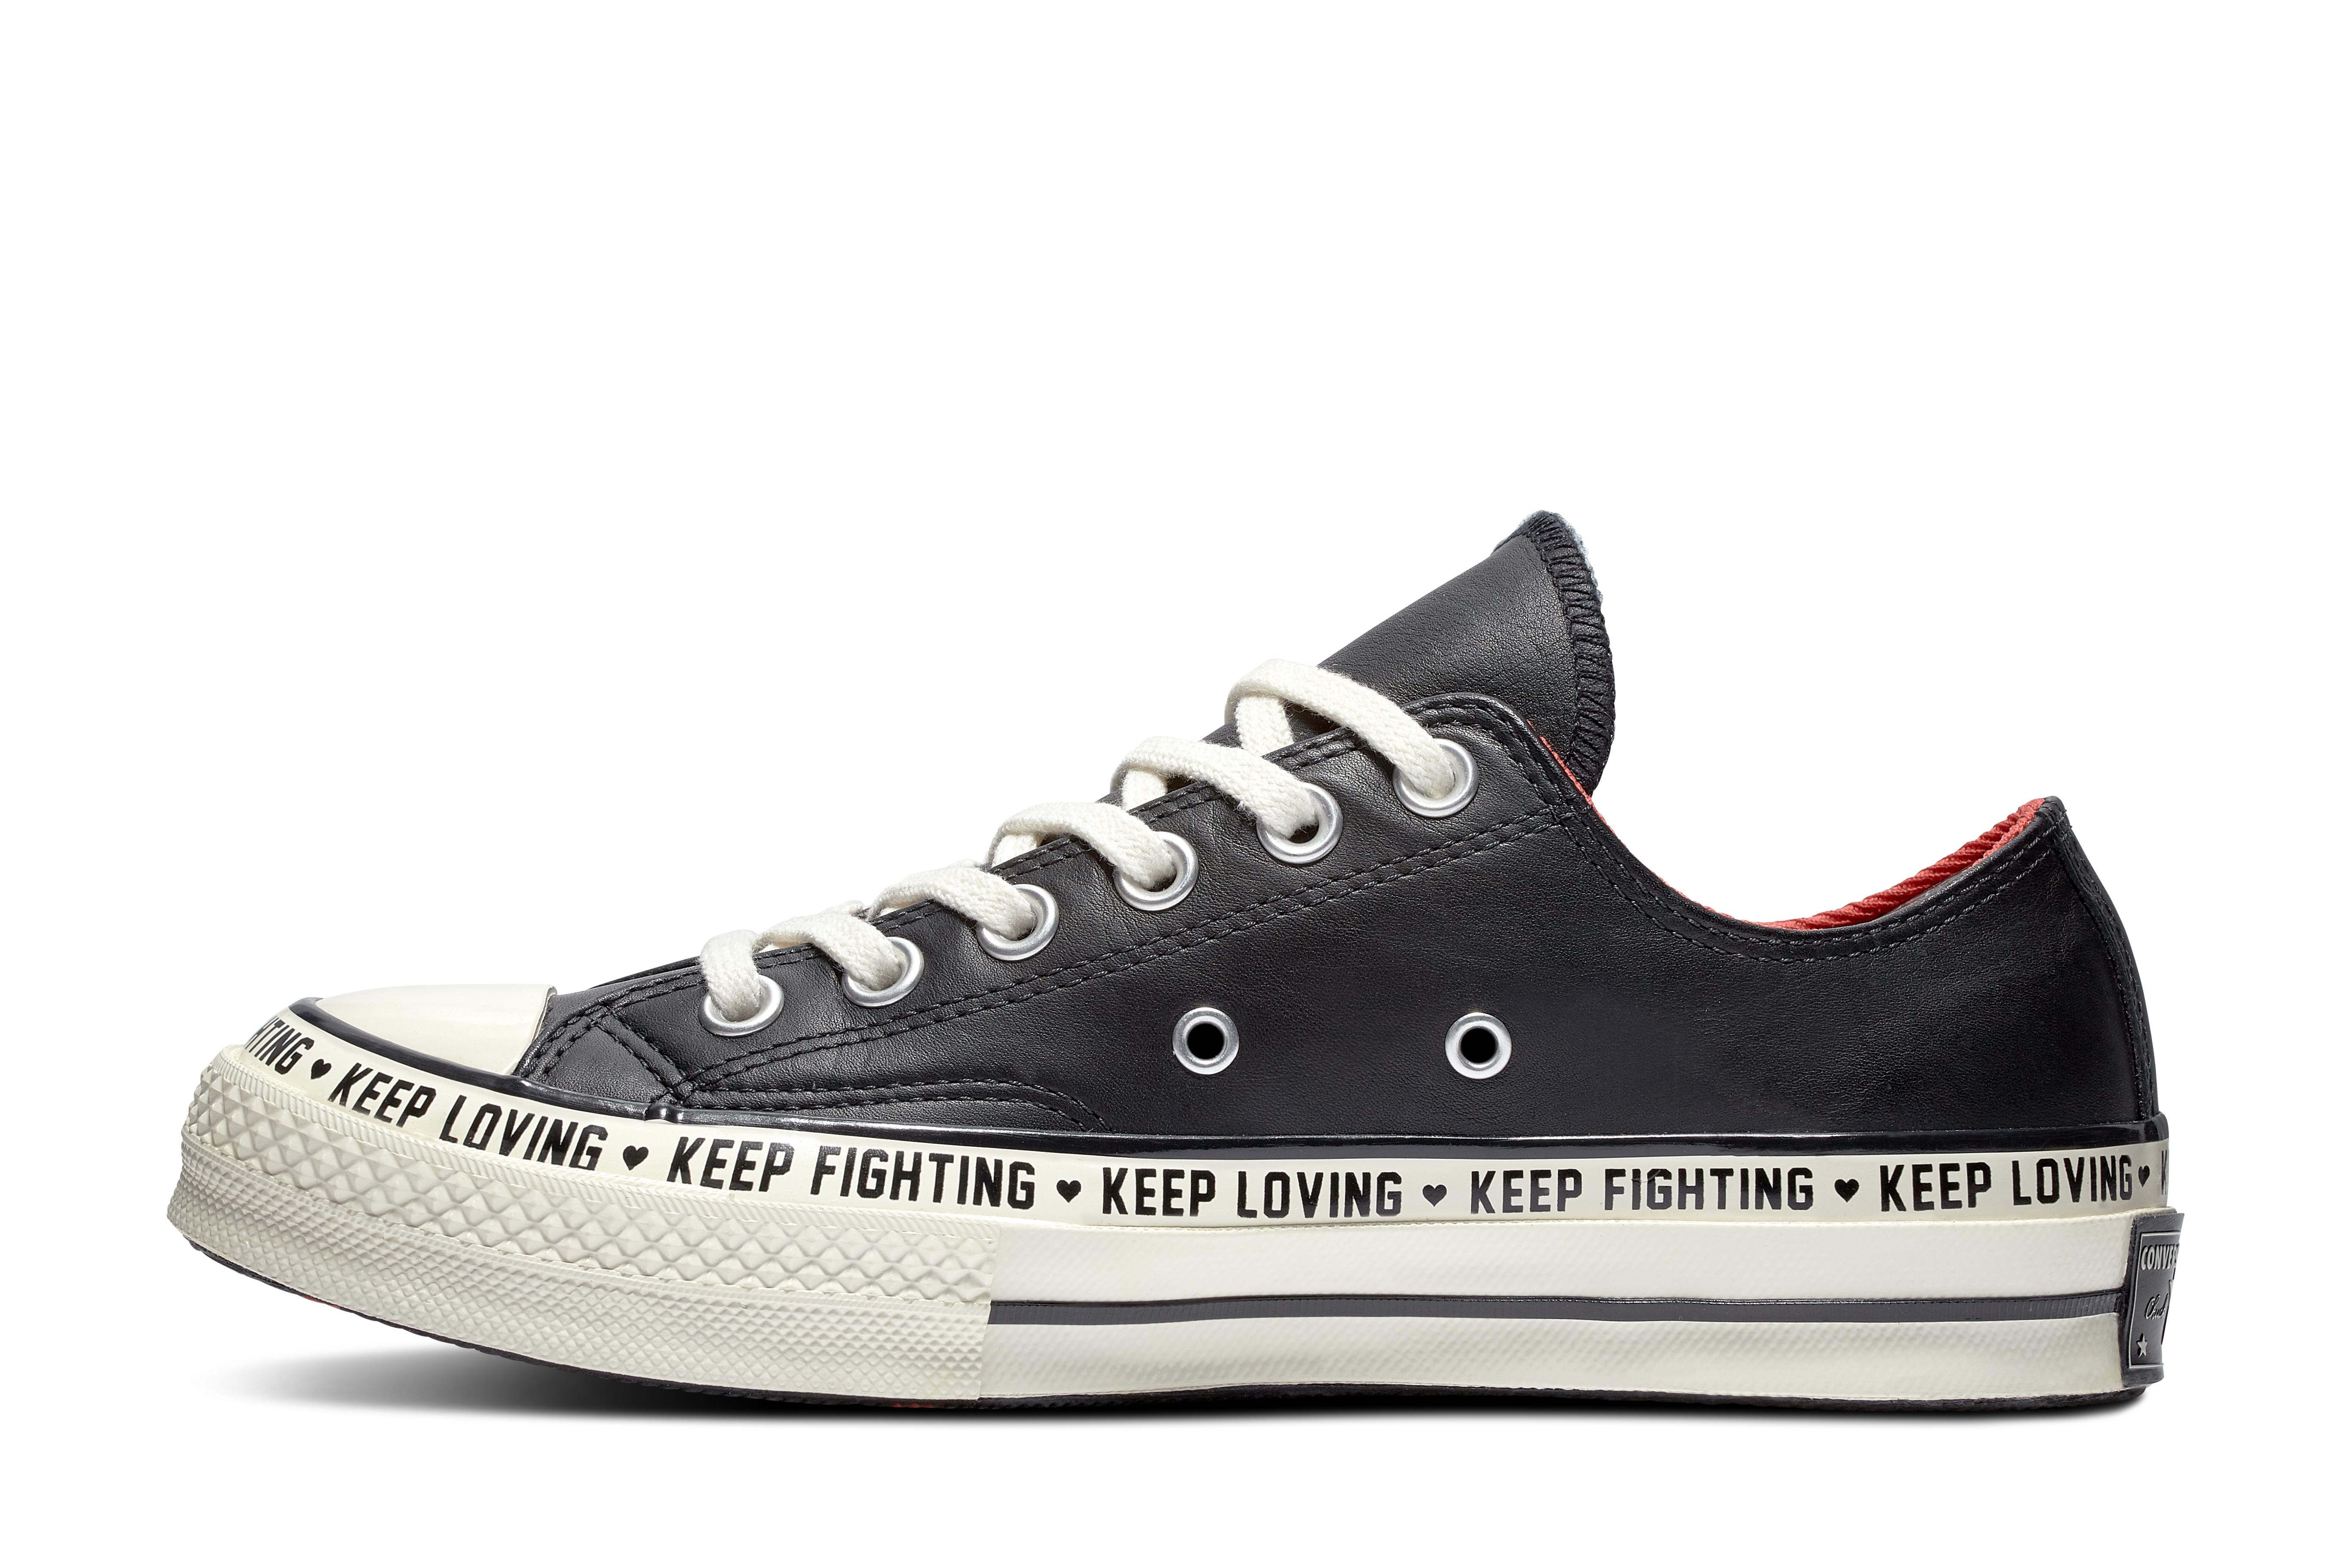 98fa9668a3 Veja também as nossas sugestões de sapatilhas da nova coleção da Adidas